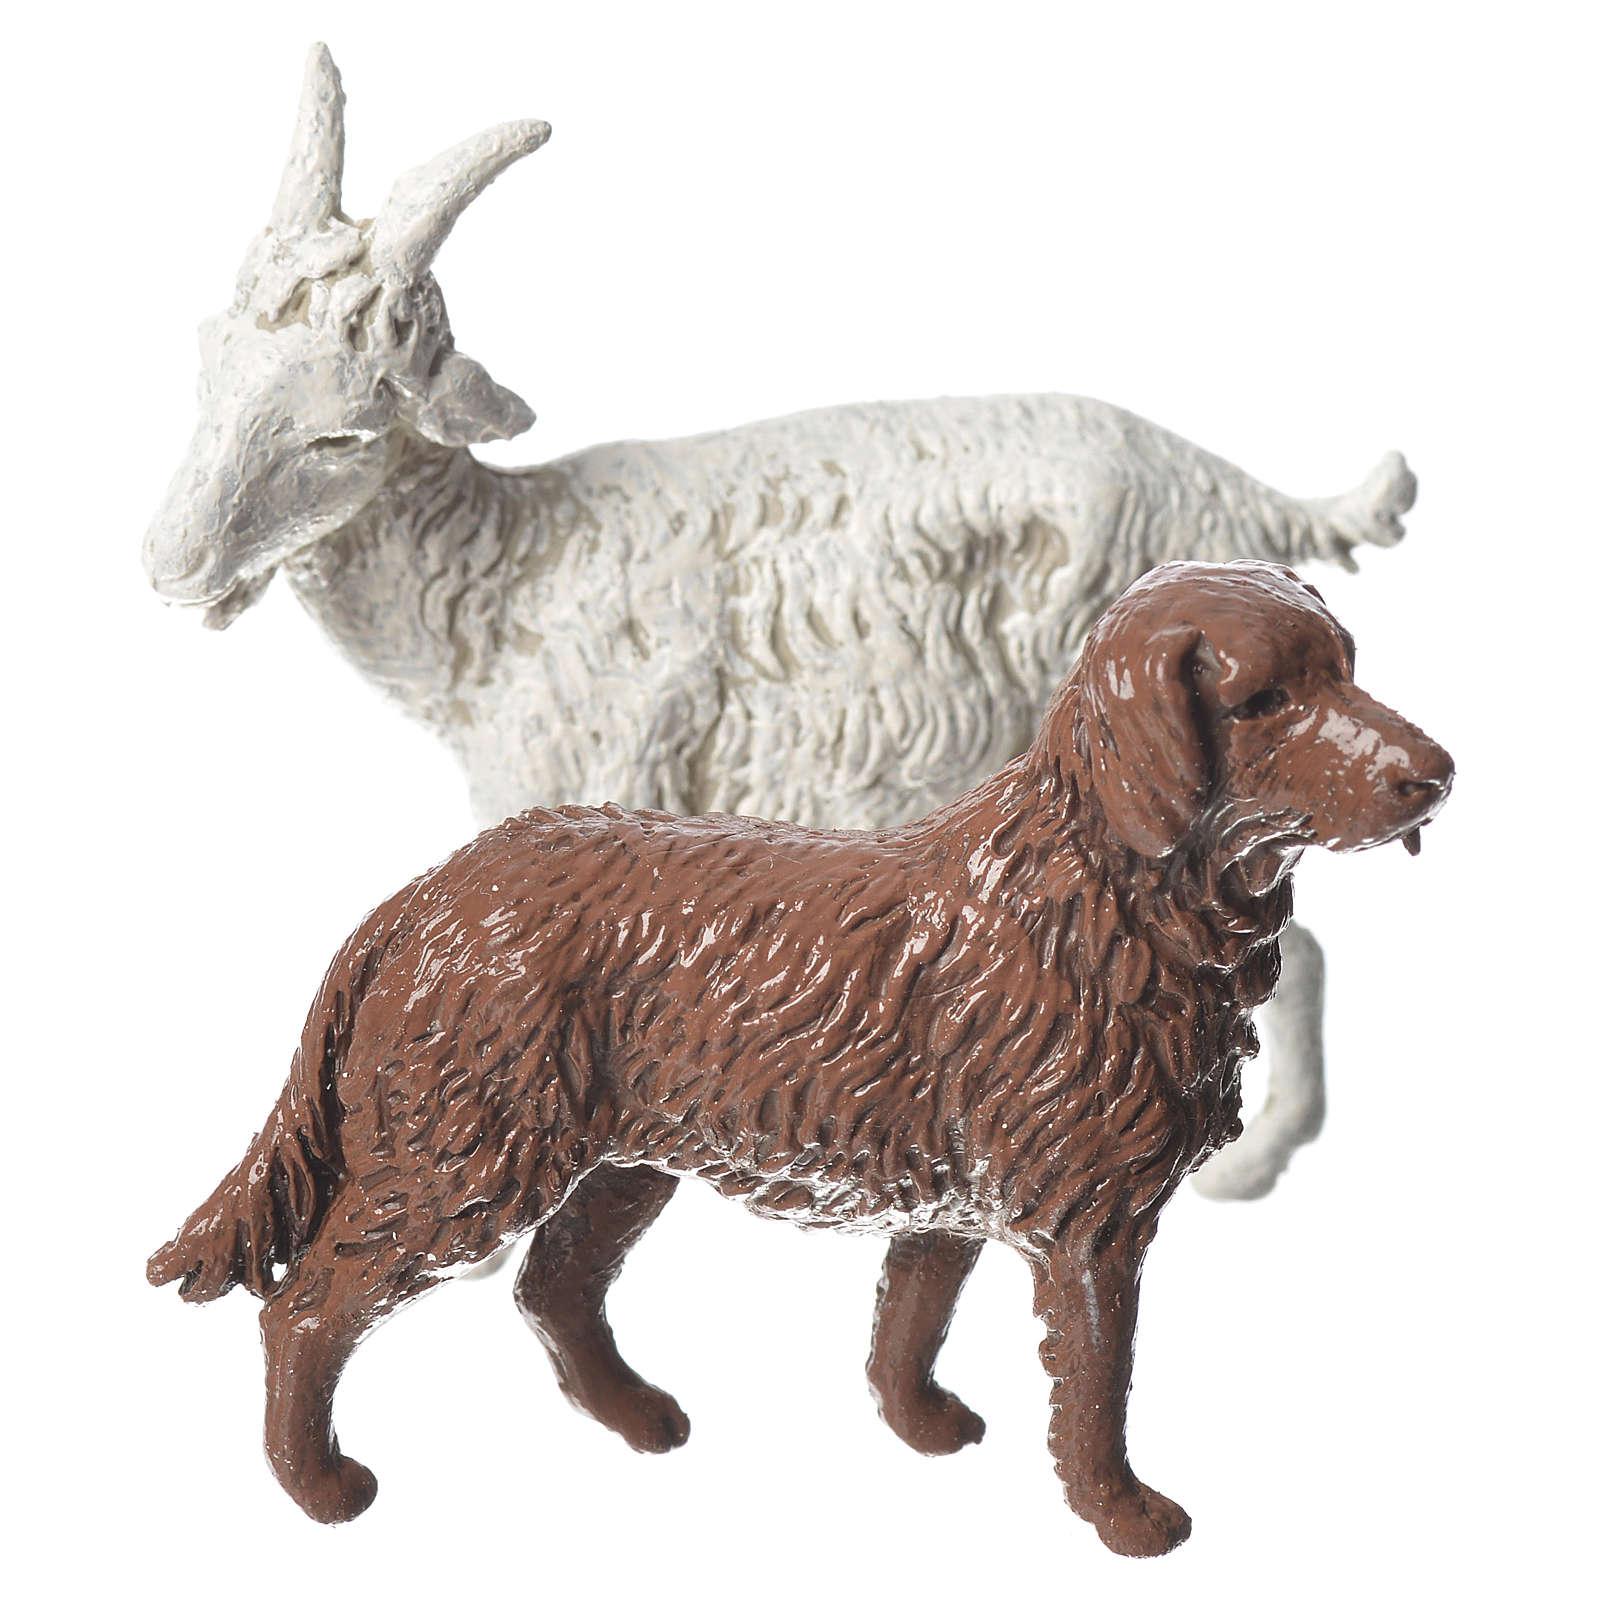 Ziege Hund und Schafe 8St. 10cm Moranduzzo 4